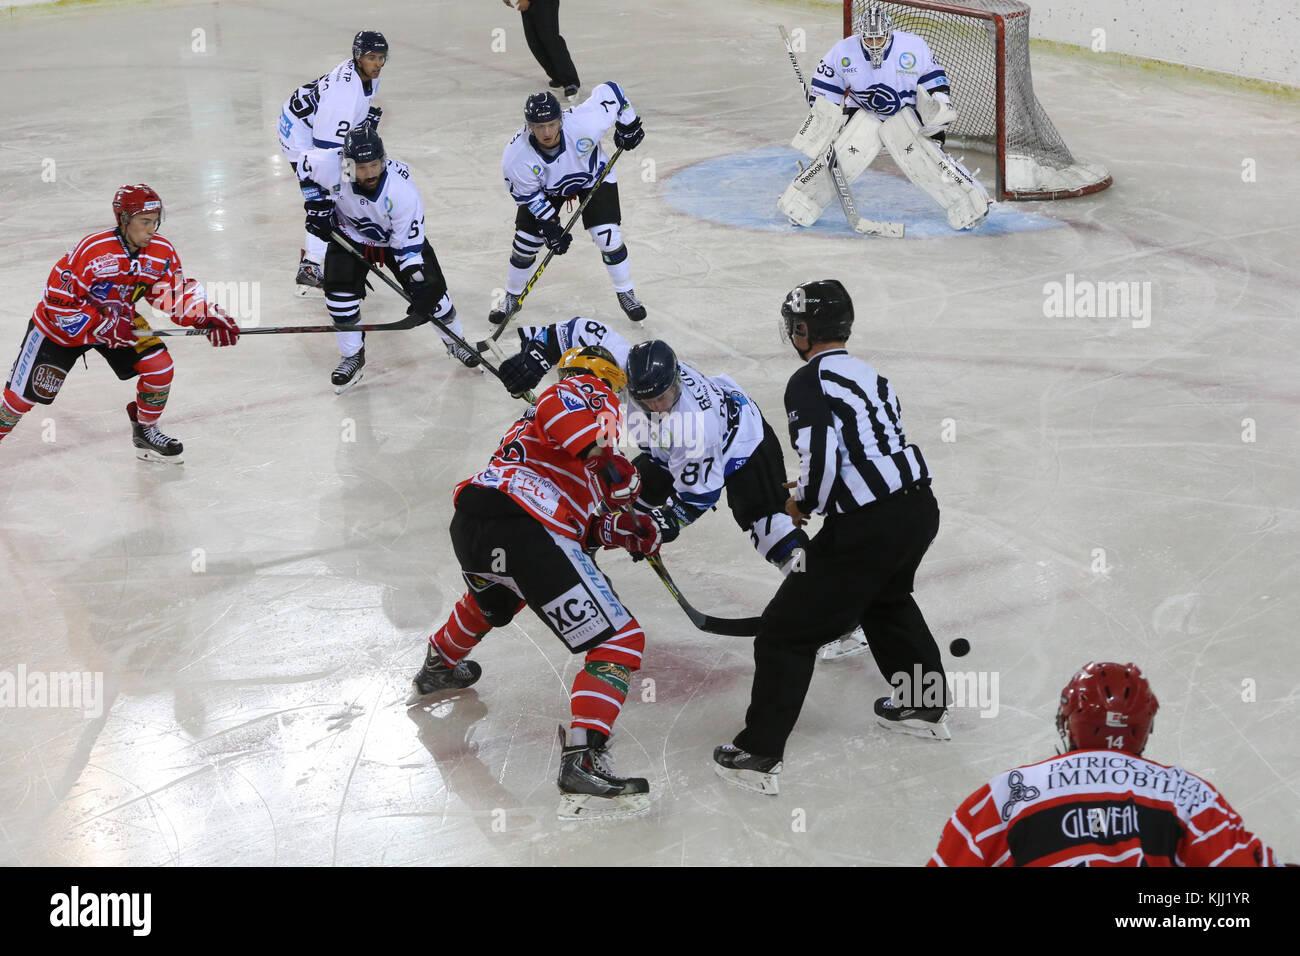 Match de hockey sur glace. Mont-Blanc contre Nantes. La France. Photo Stock